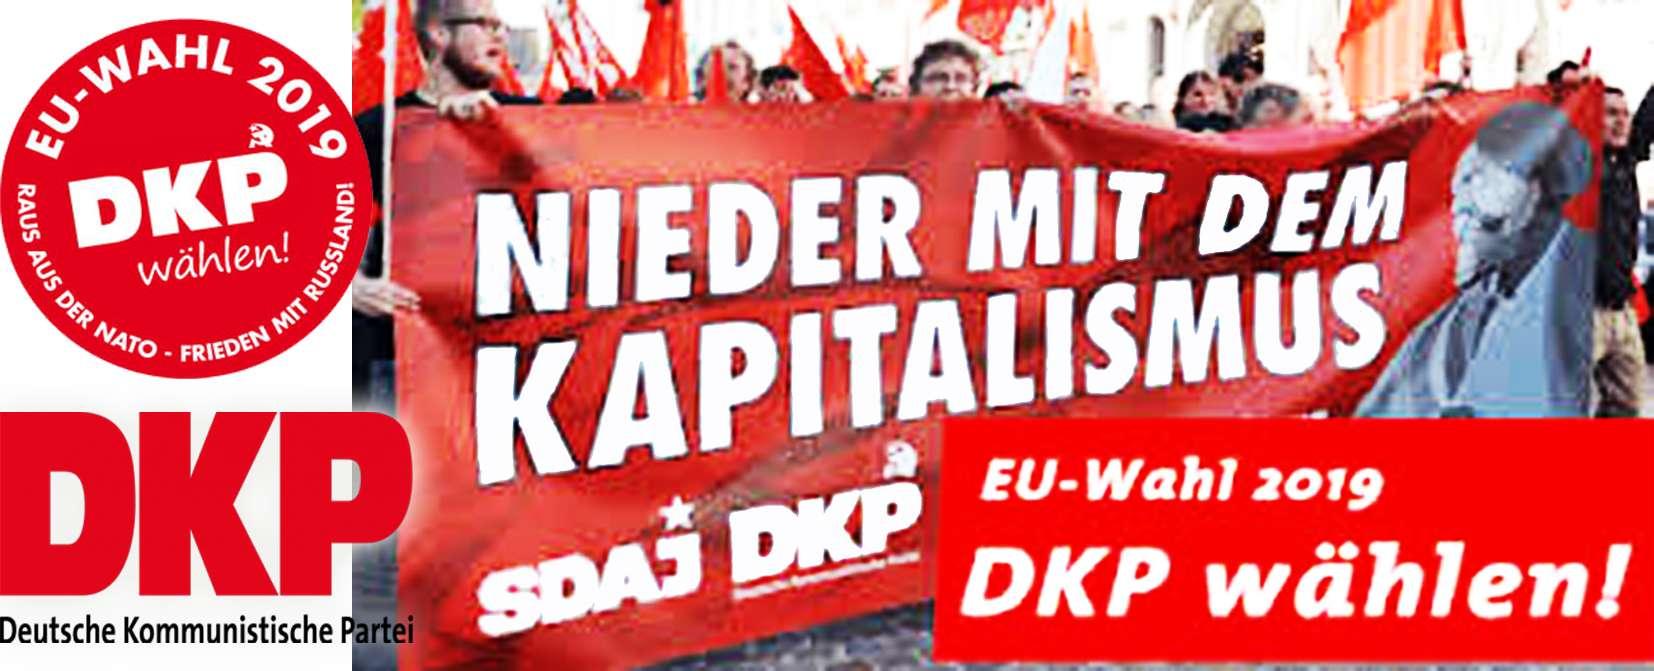 DKP 🚩Γερμανικό Κομμουνιστικό Κόμμα 🚩Διακήρυξη για τις Ευρωεκλογές